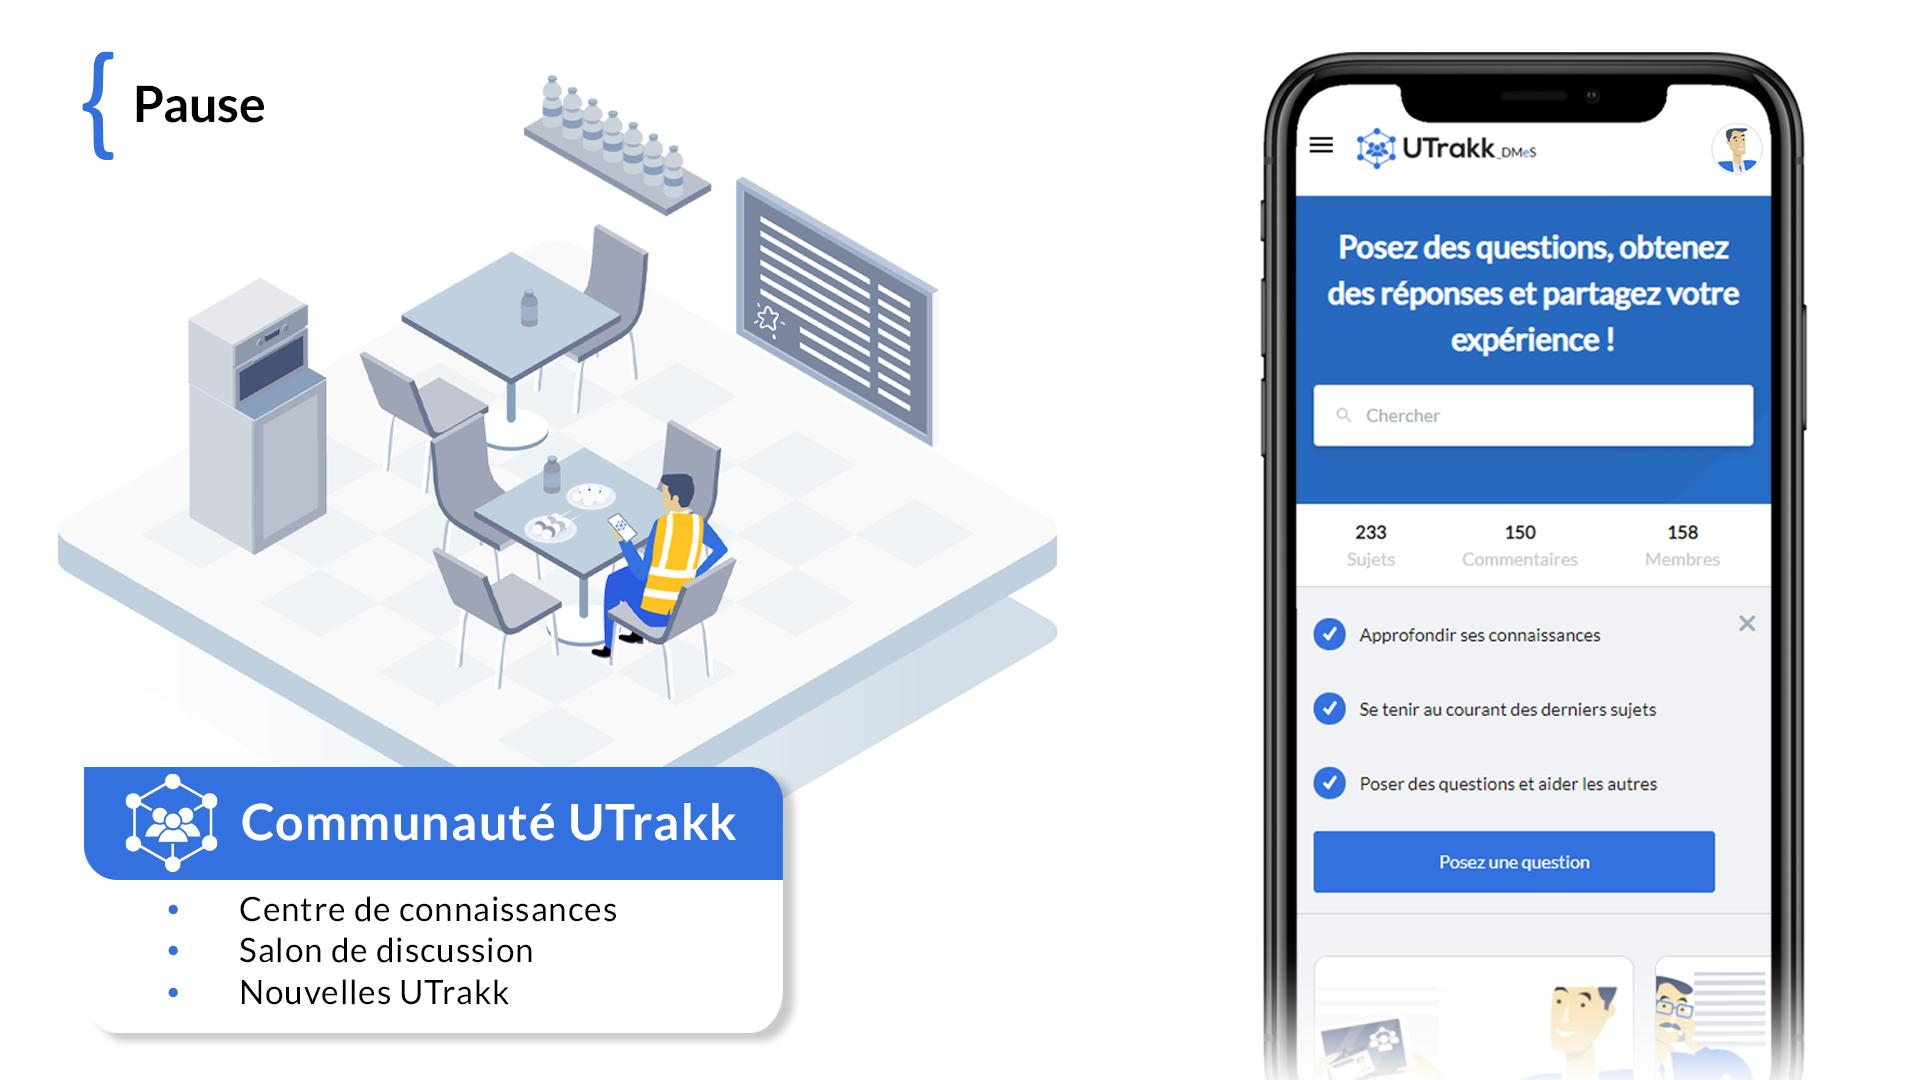 Communauté UTrakk : centre de connaissances, salon de discussion, nouvelles UTrakk